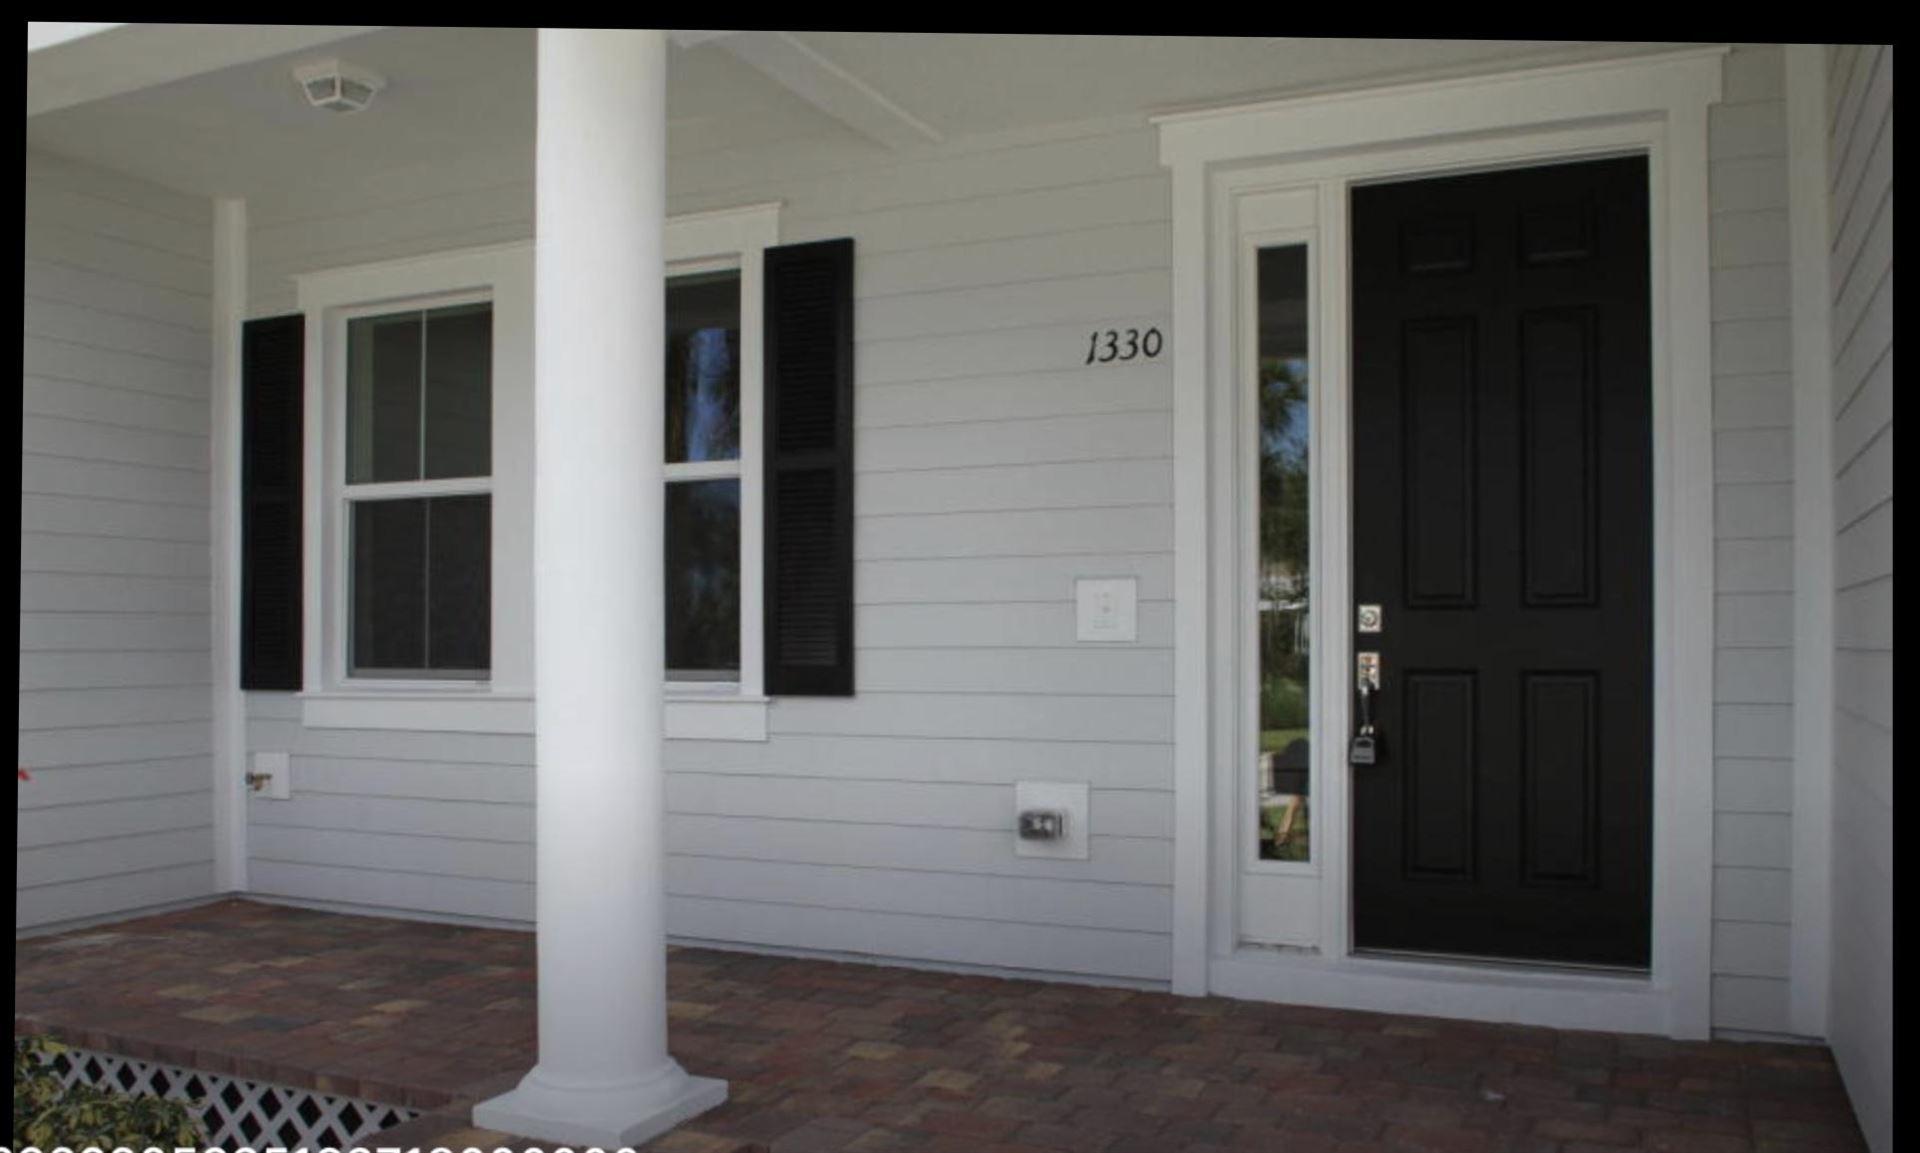 Photo of 1330 S Community Drive, Jupiter, FL 33458 (MLS # RX-10644566)